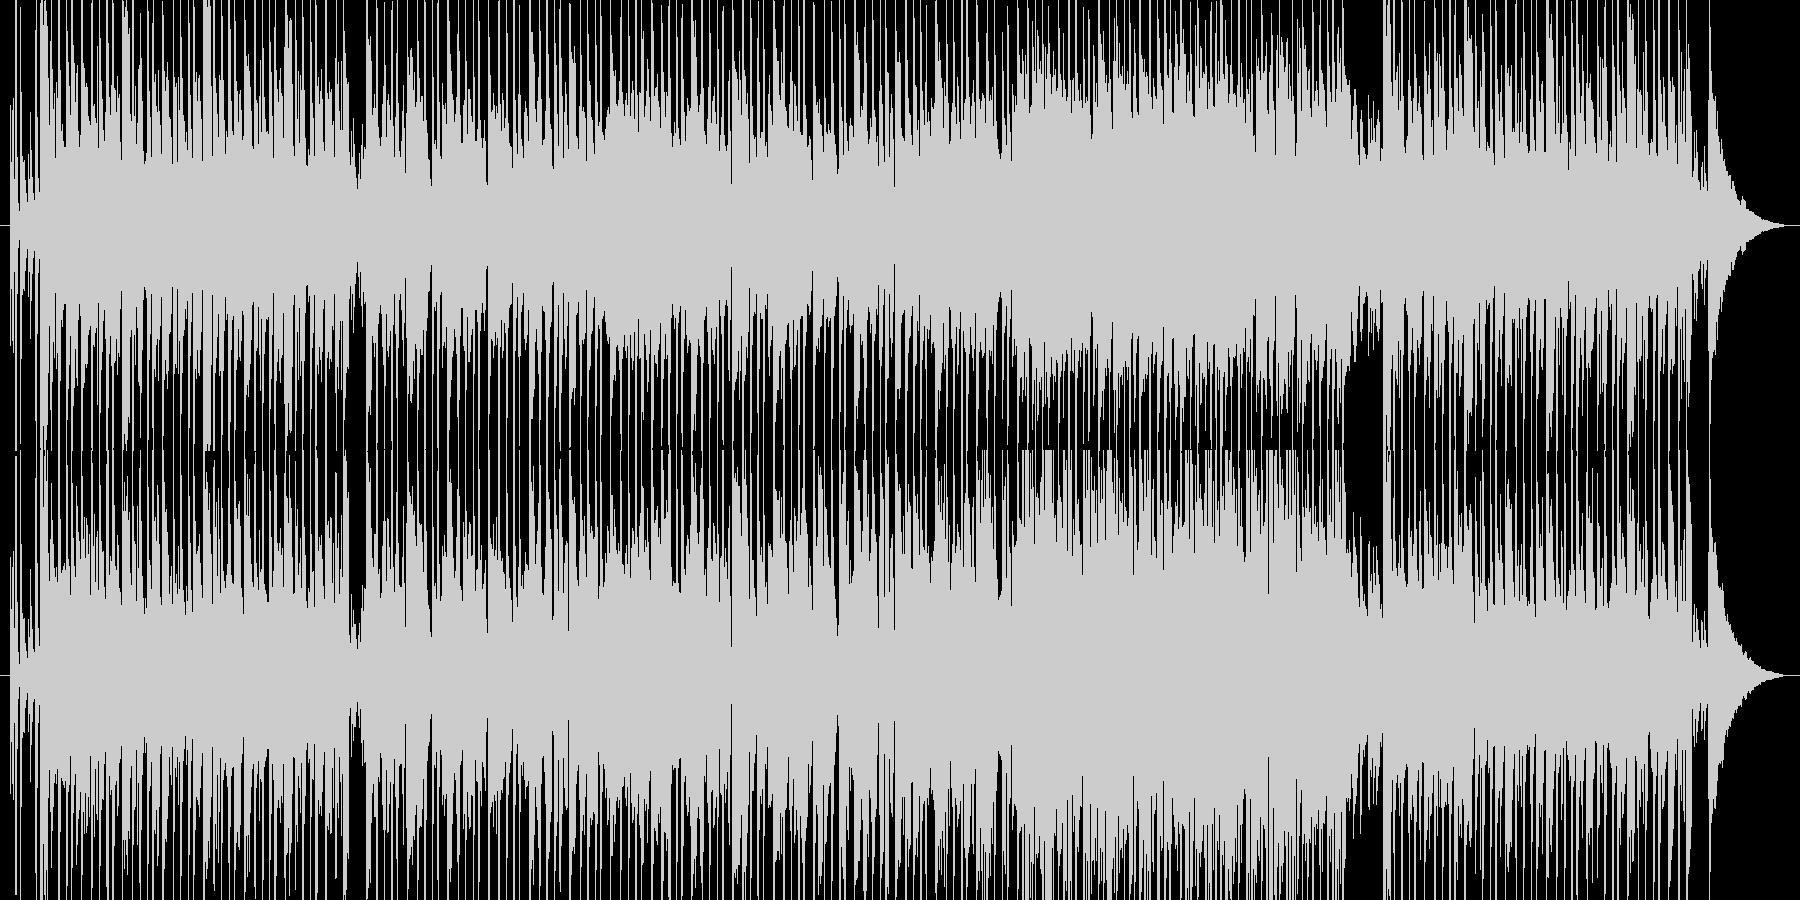 【ポップス ほのぼの系】優しいポップスの未再生の波形